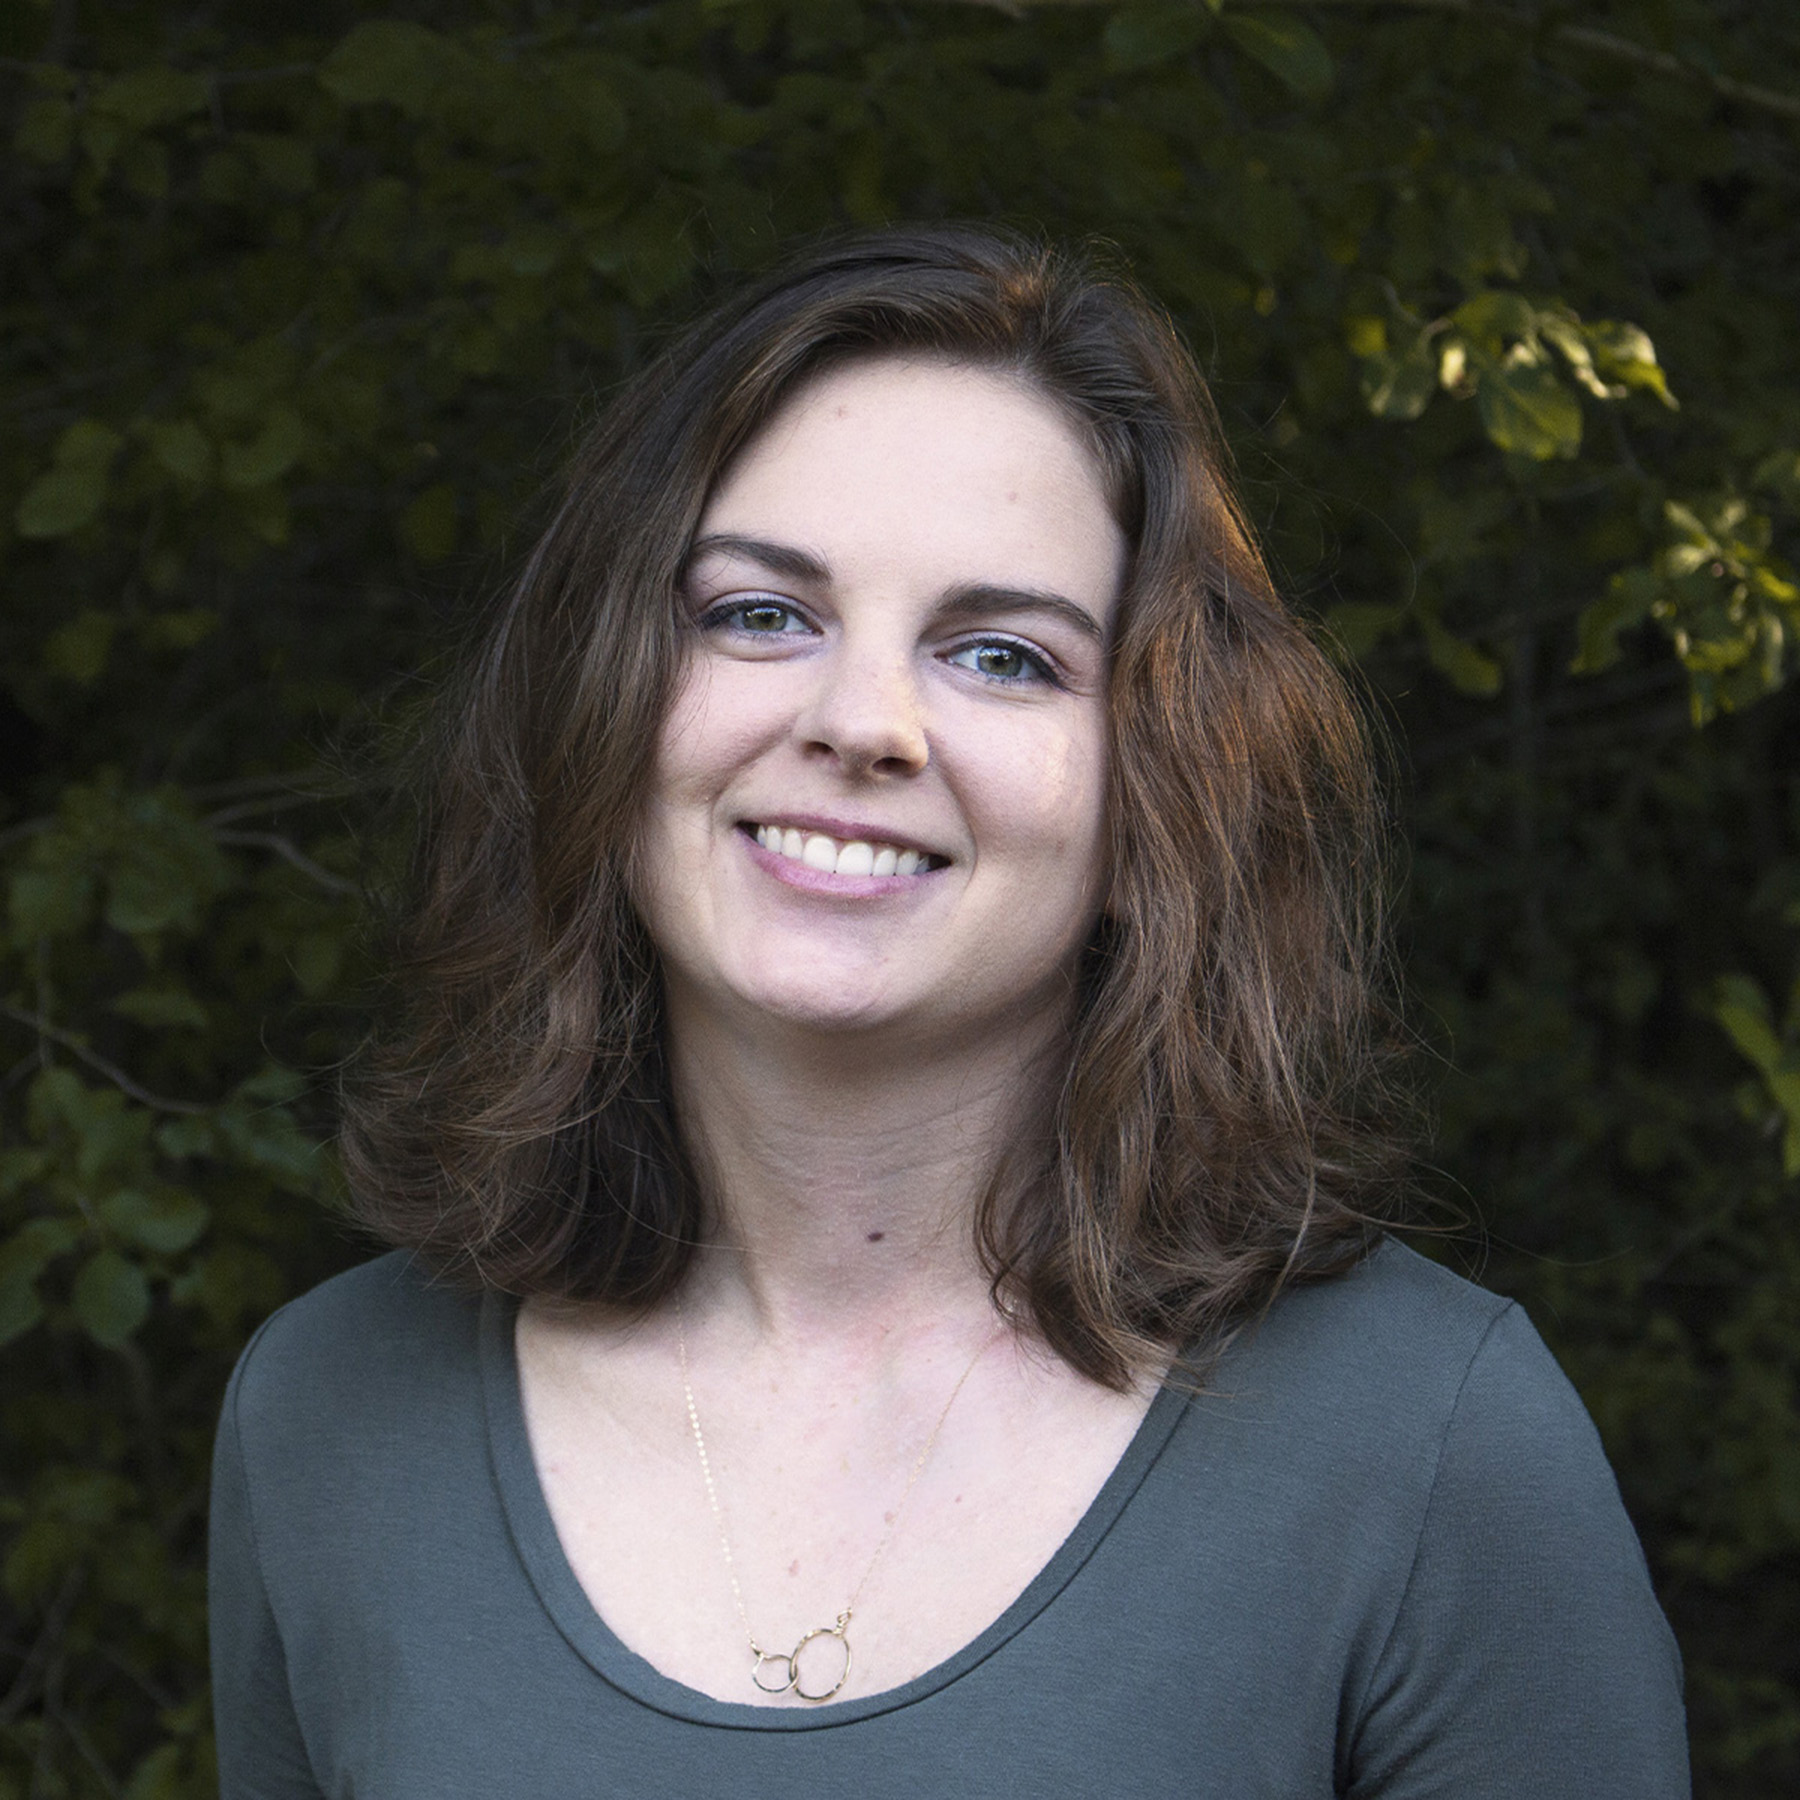 Jennifer Sneary